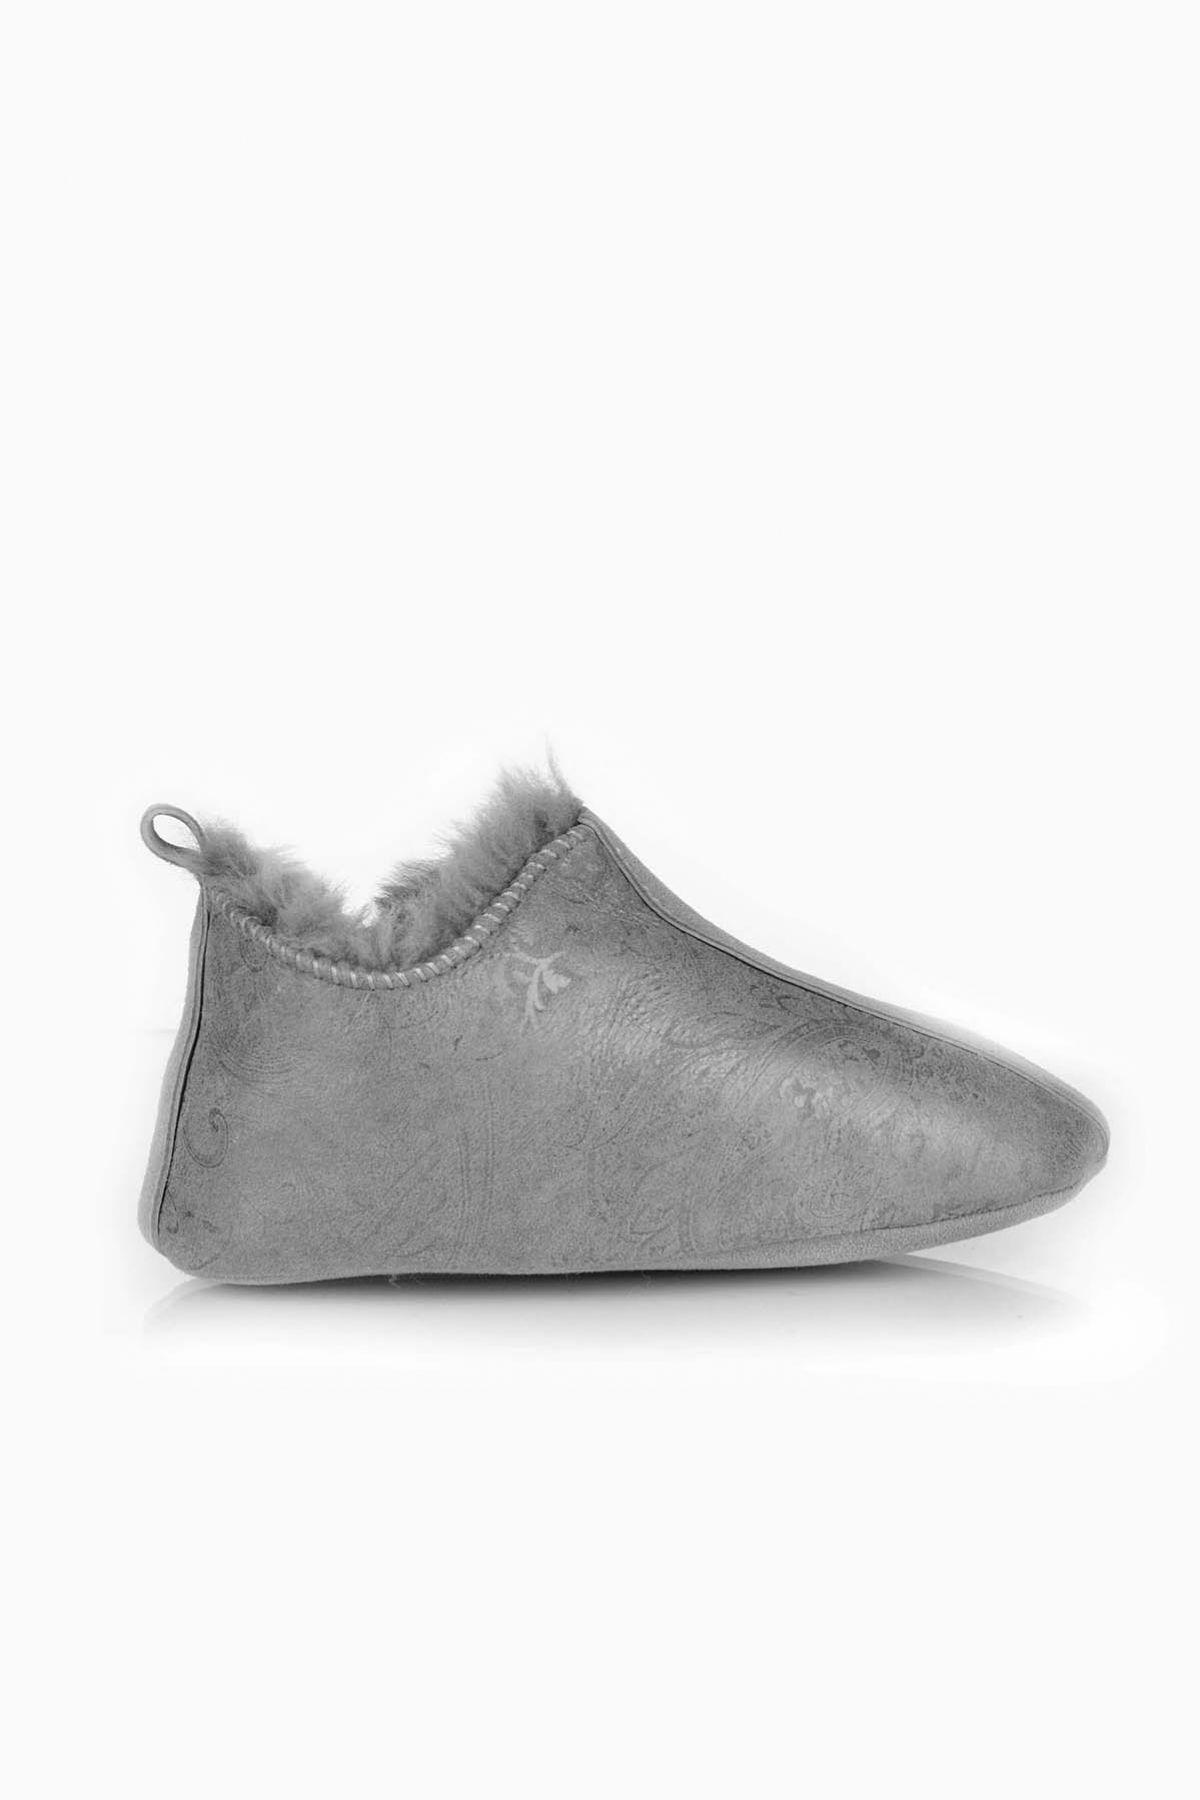 Pegia Hakiki Kürklü Çocuk Ev Ayakkabısı 121297 Açık Gri